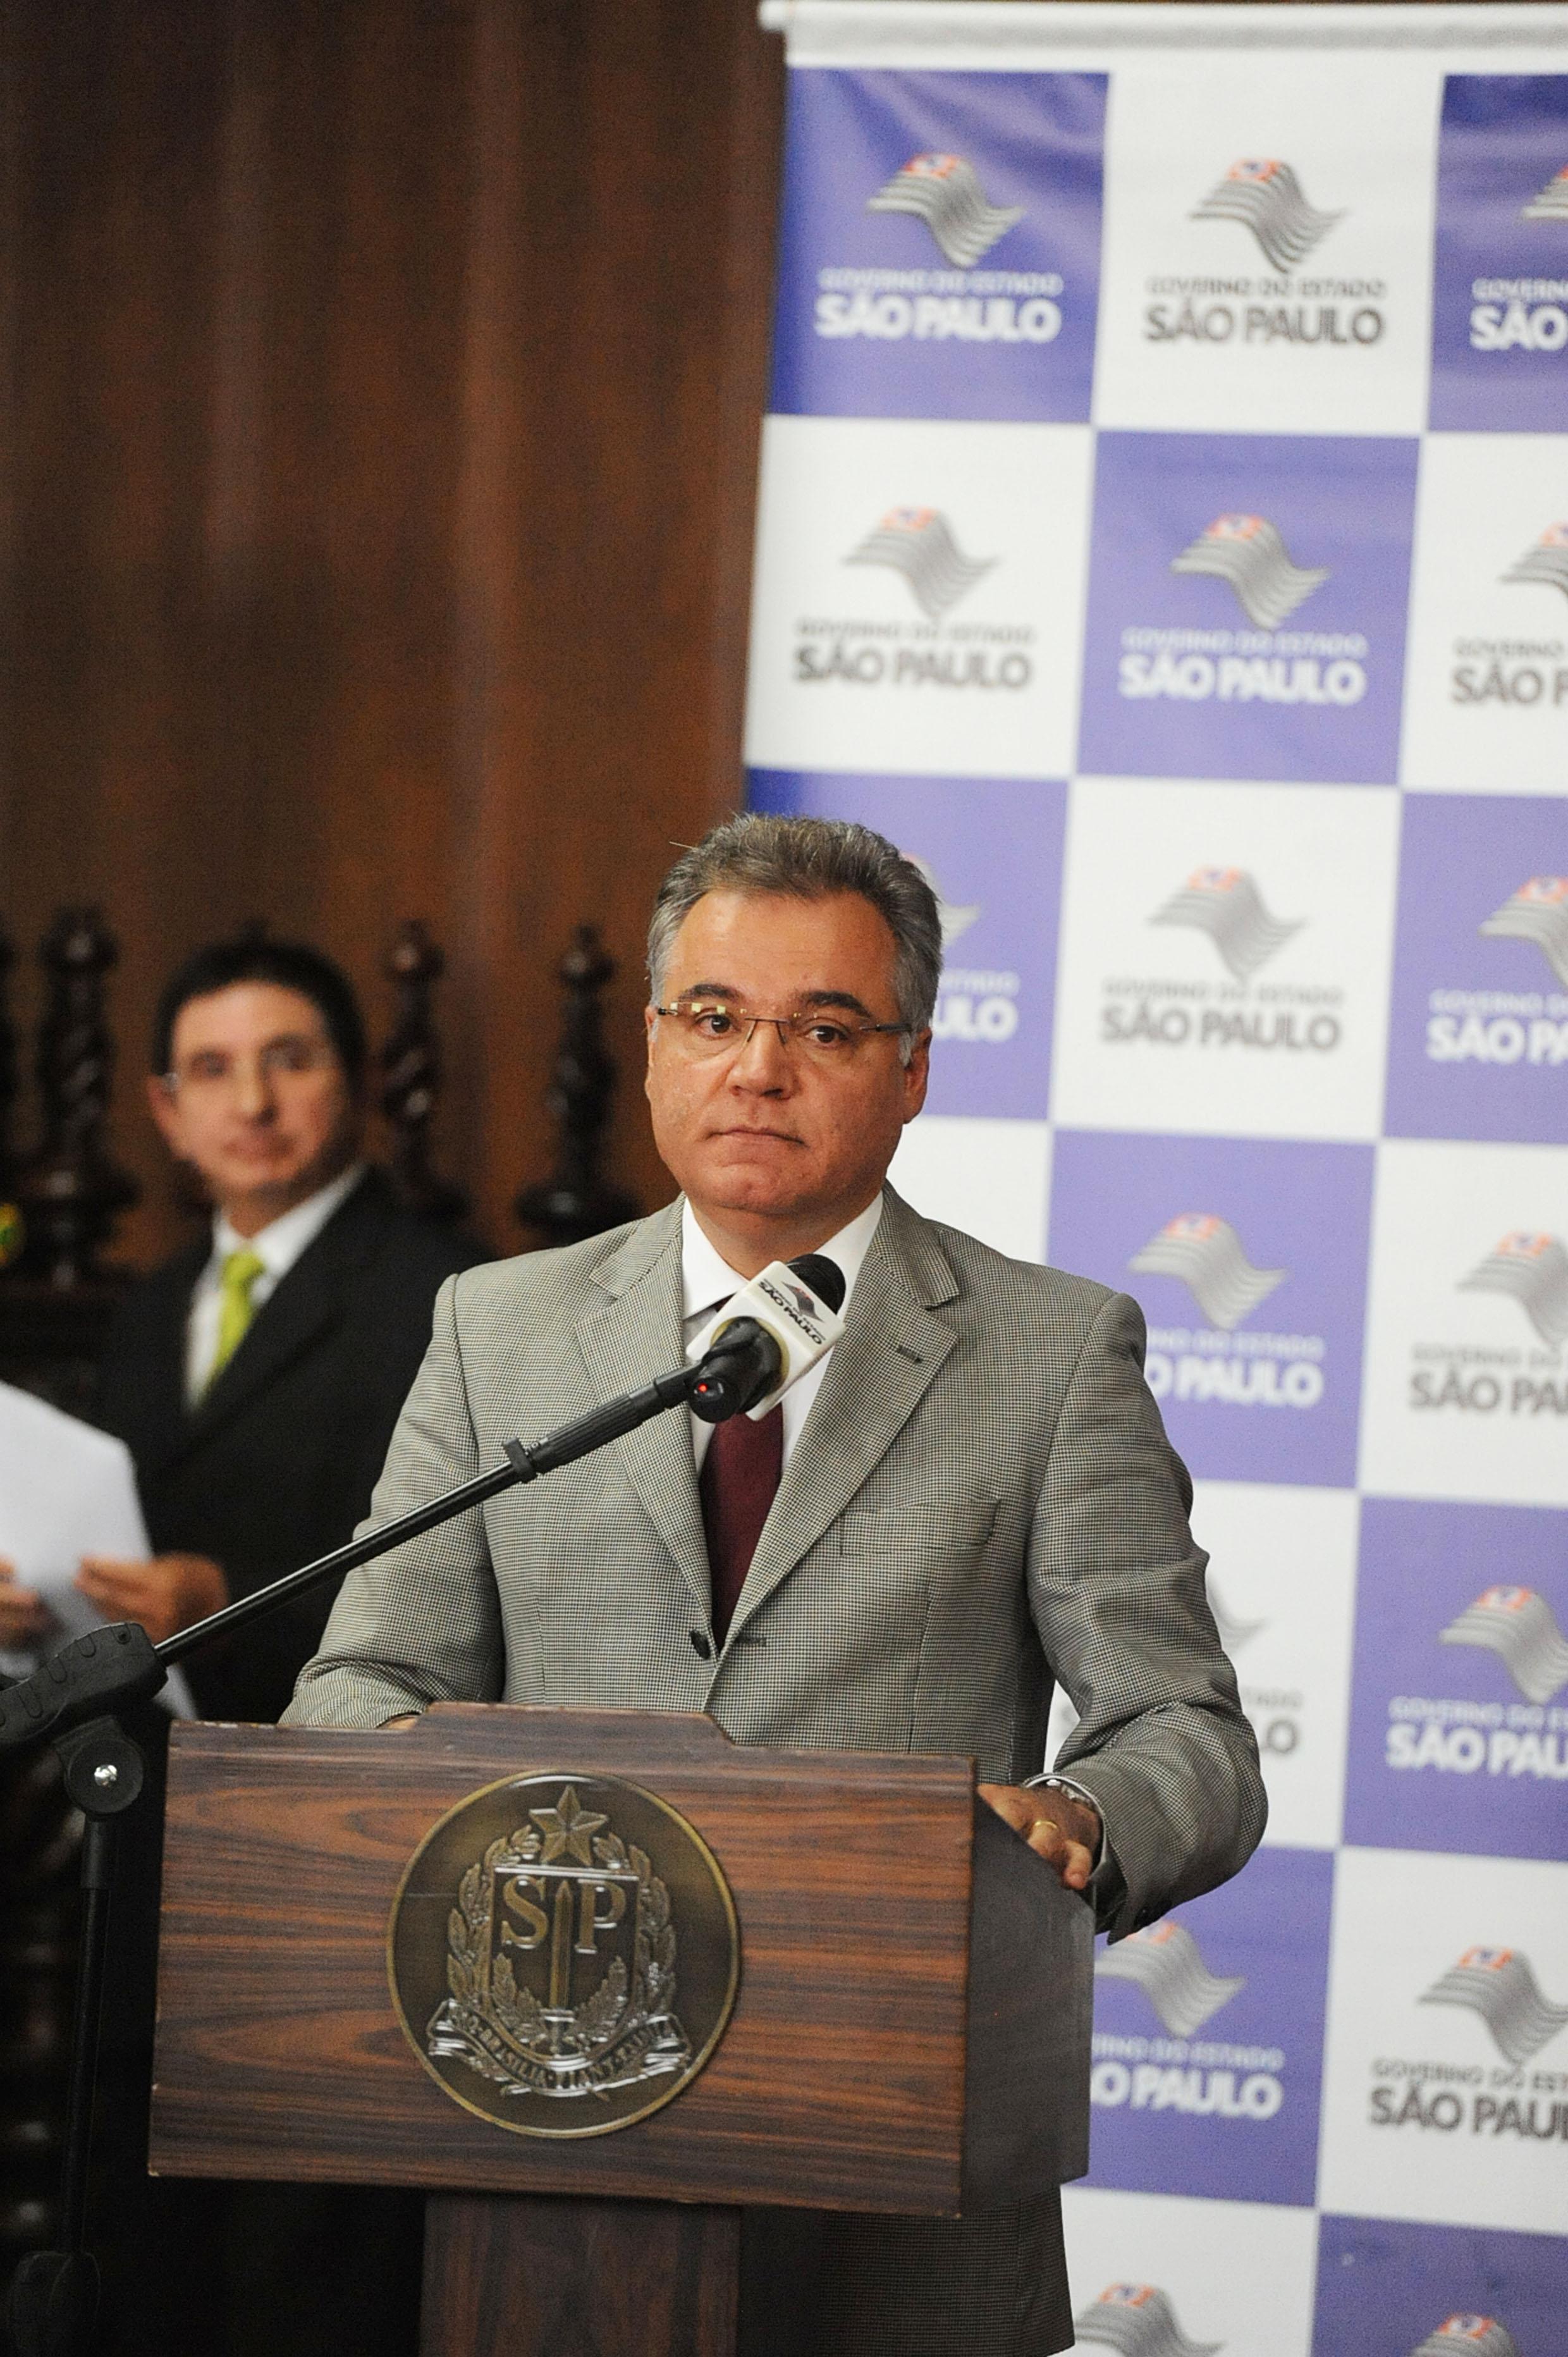 Samuel Moreira, presidente do Legislativo paulista<a style='float:right' href='https://www3.al.sp.gov.br/repositorio/noticia/N-01-2014/fg157818.jpg' target=_blank><img src='/_img/material-file-download-white.png' width='14px' alt='Clique para baixar a imagem'></a>